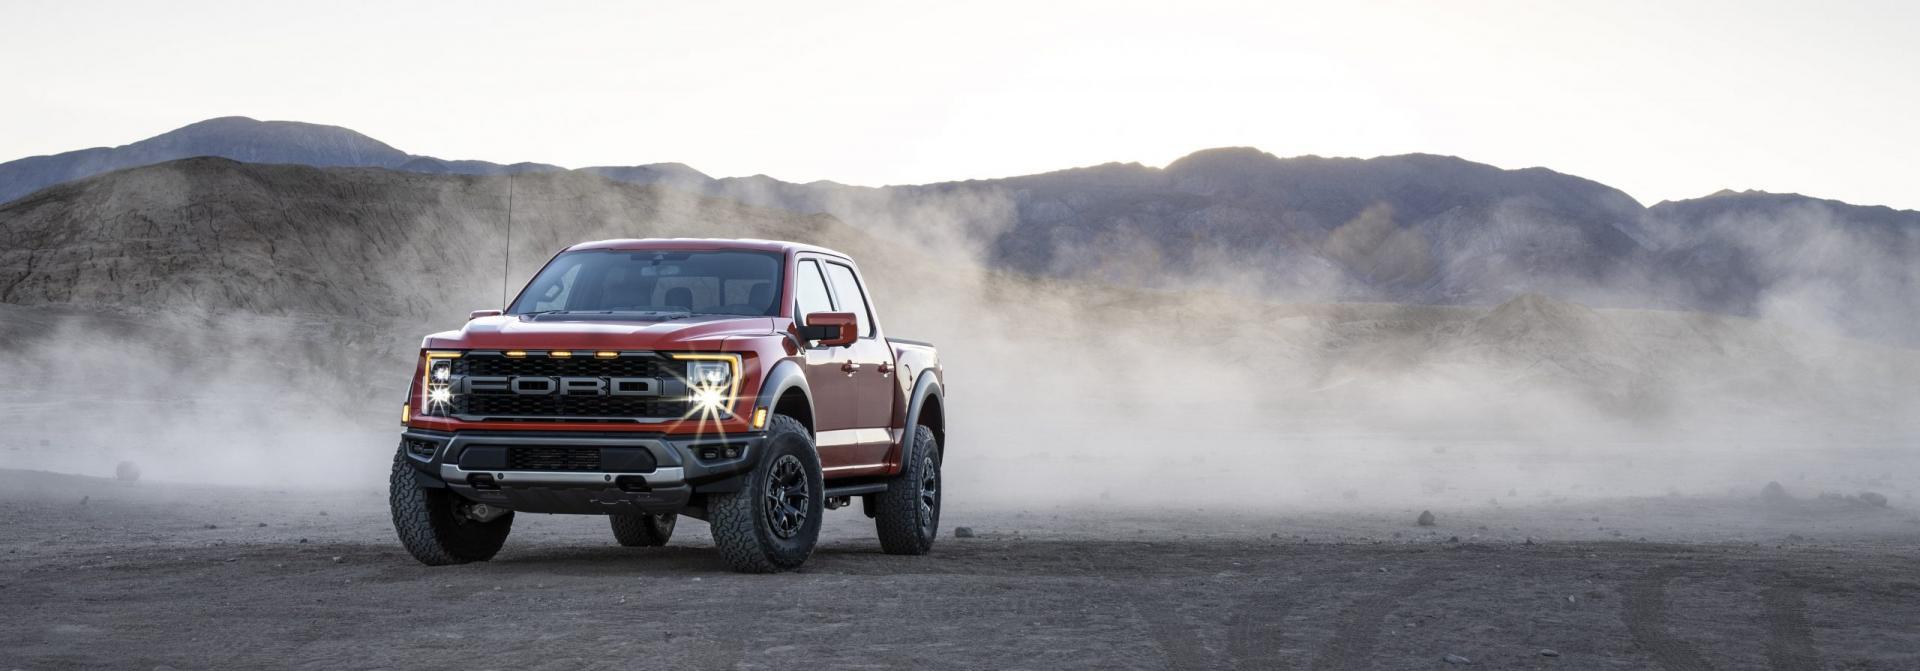 2021 Ford F-150 Raptor bij een stofwolk